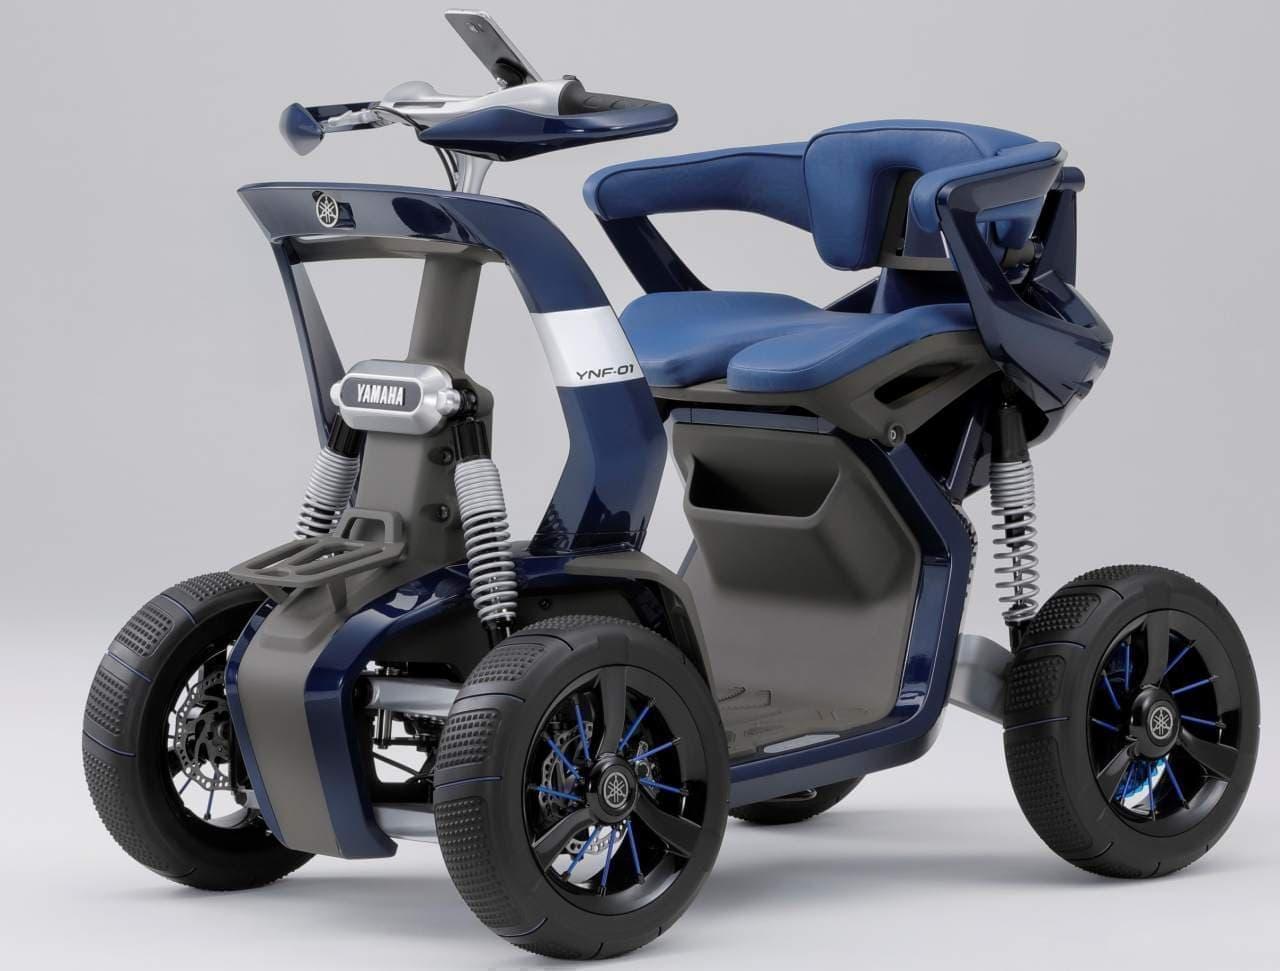 ヤマハのコンセプトモデル「YNF-01」